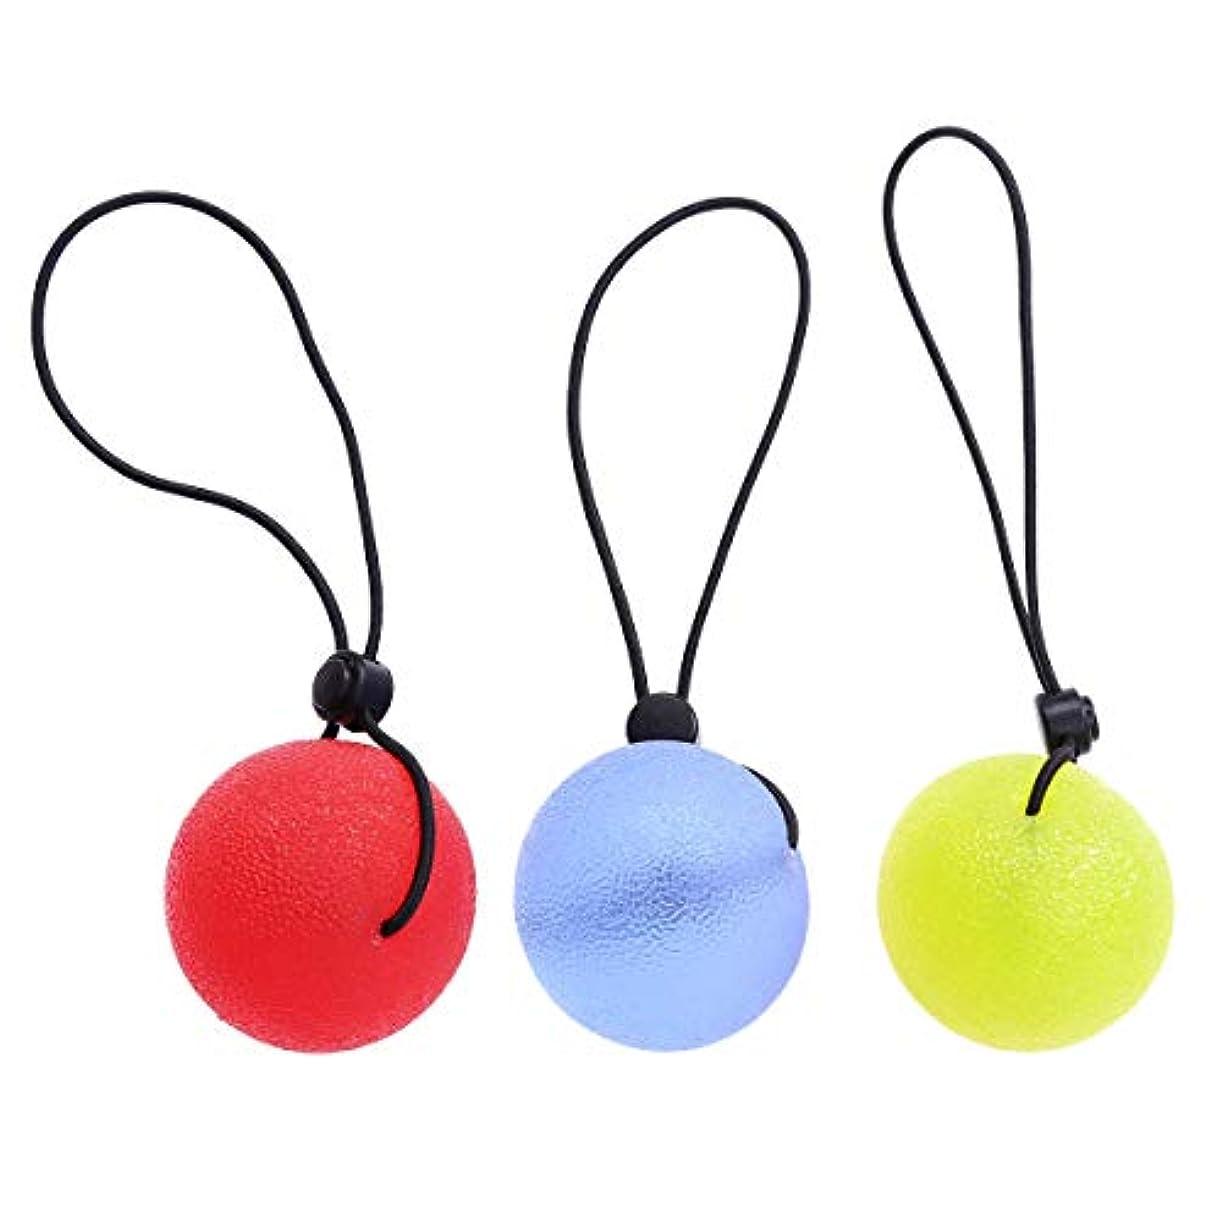 気づかない忘れられない正当なSUPVOX 3個シリコーングリップボールハンドエクササイズボールハンドセラピー強化剤トレーナー